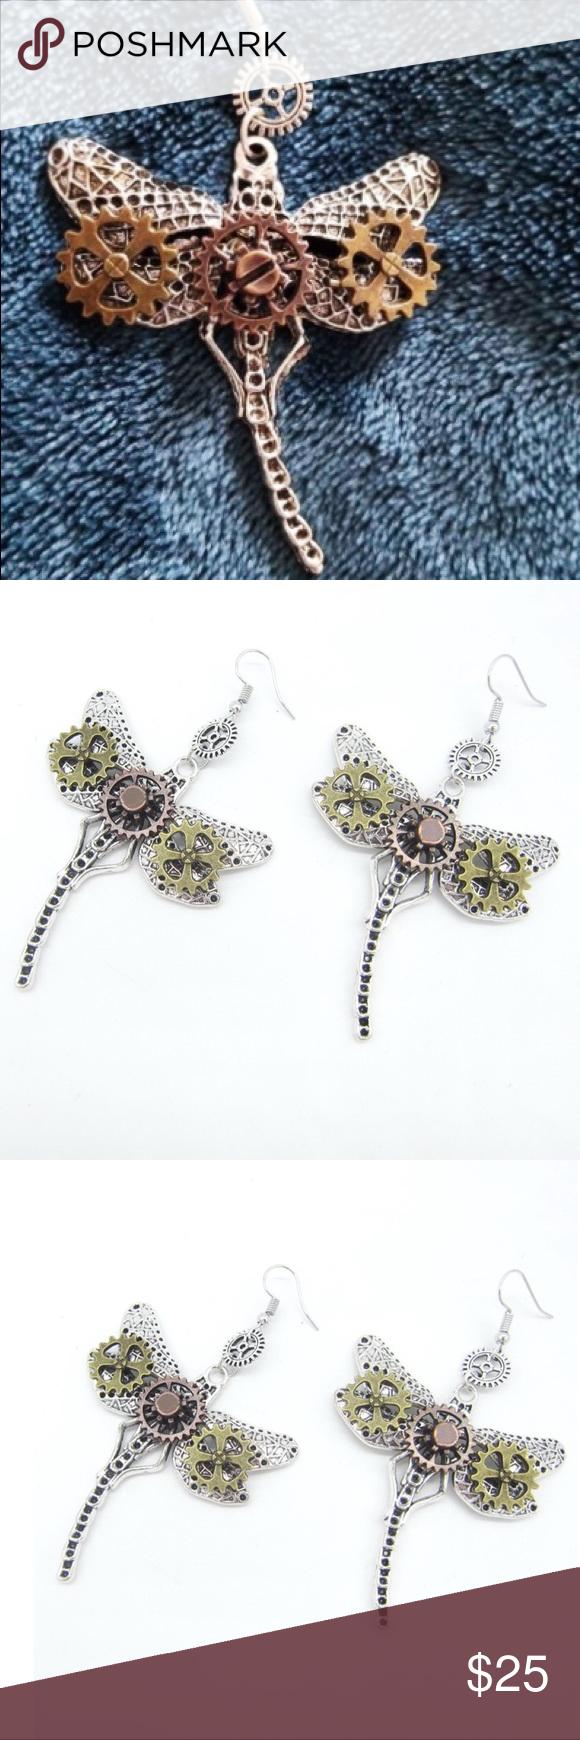 NEW Earrings Steampunk Butterflies Gears Jewelry NEW Hanging Earrings designed for the steampunk fa